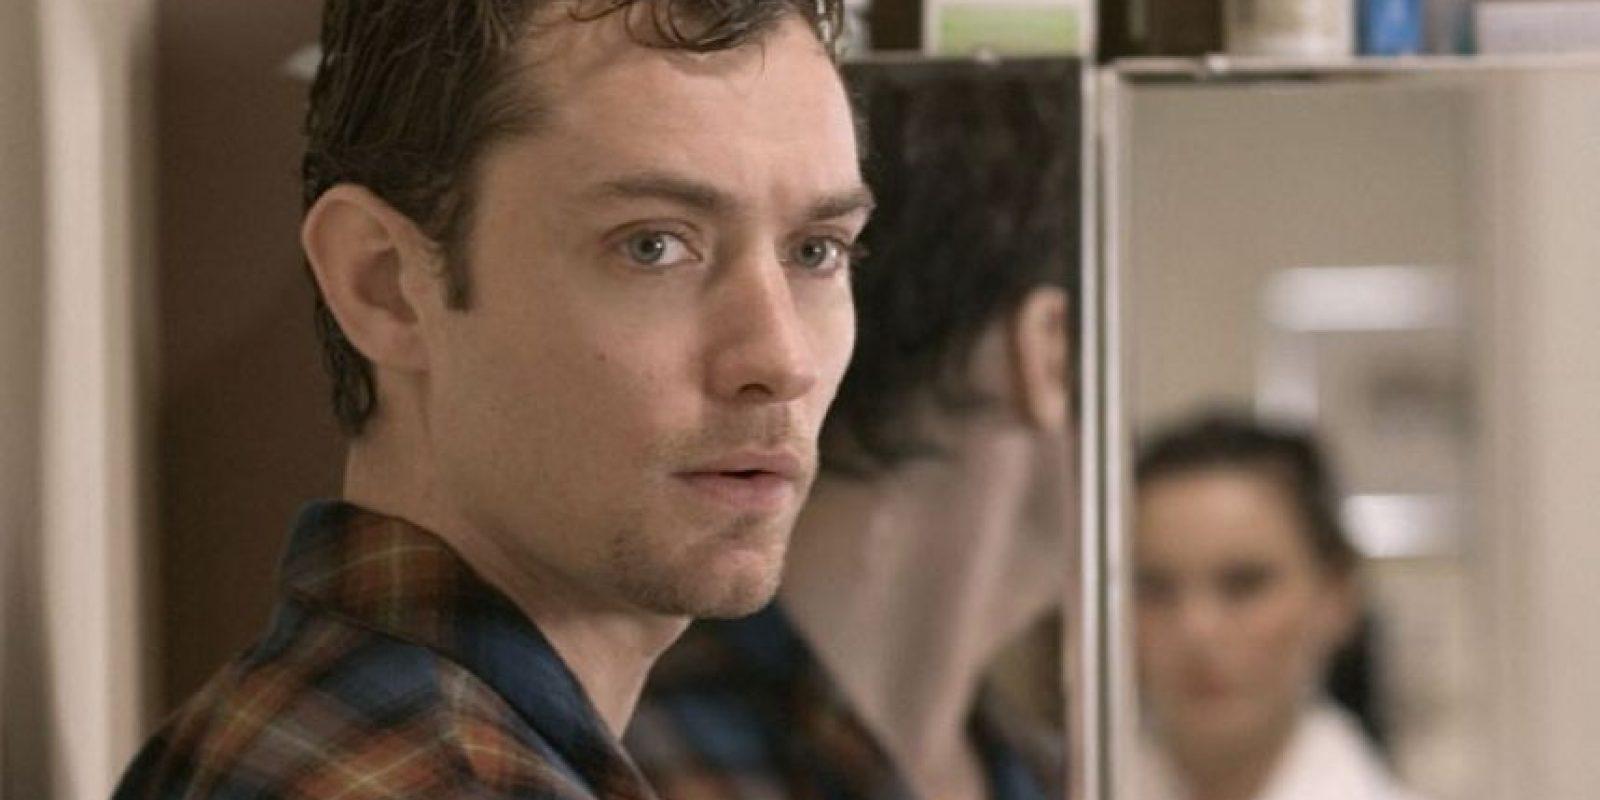 El actor tenía 31 años Foto:Sony Pictures Entertainment